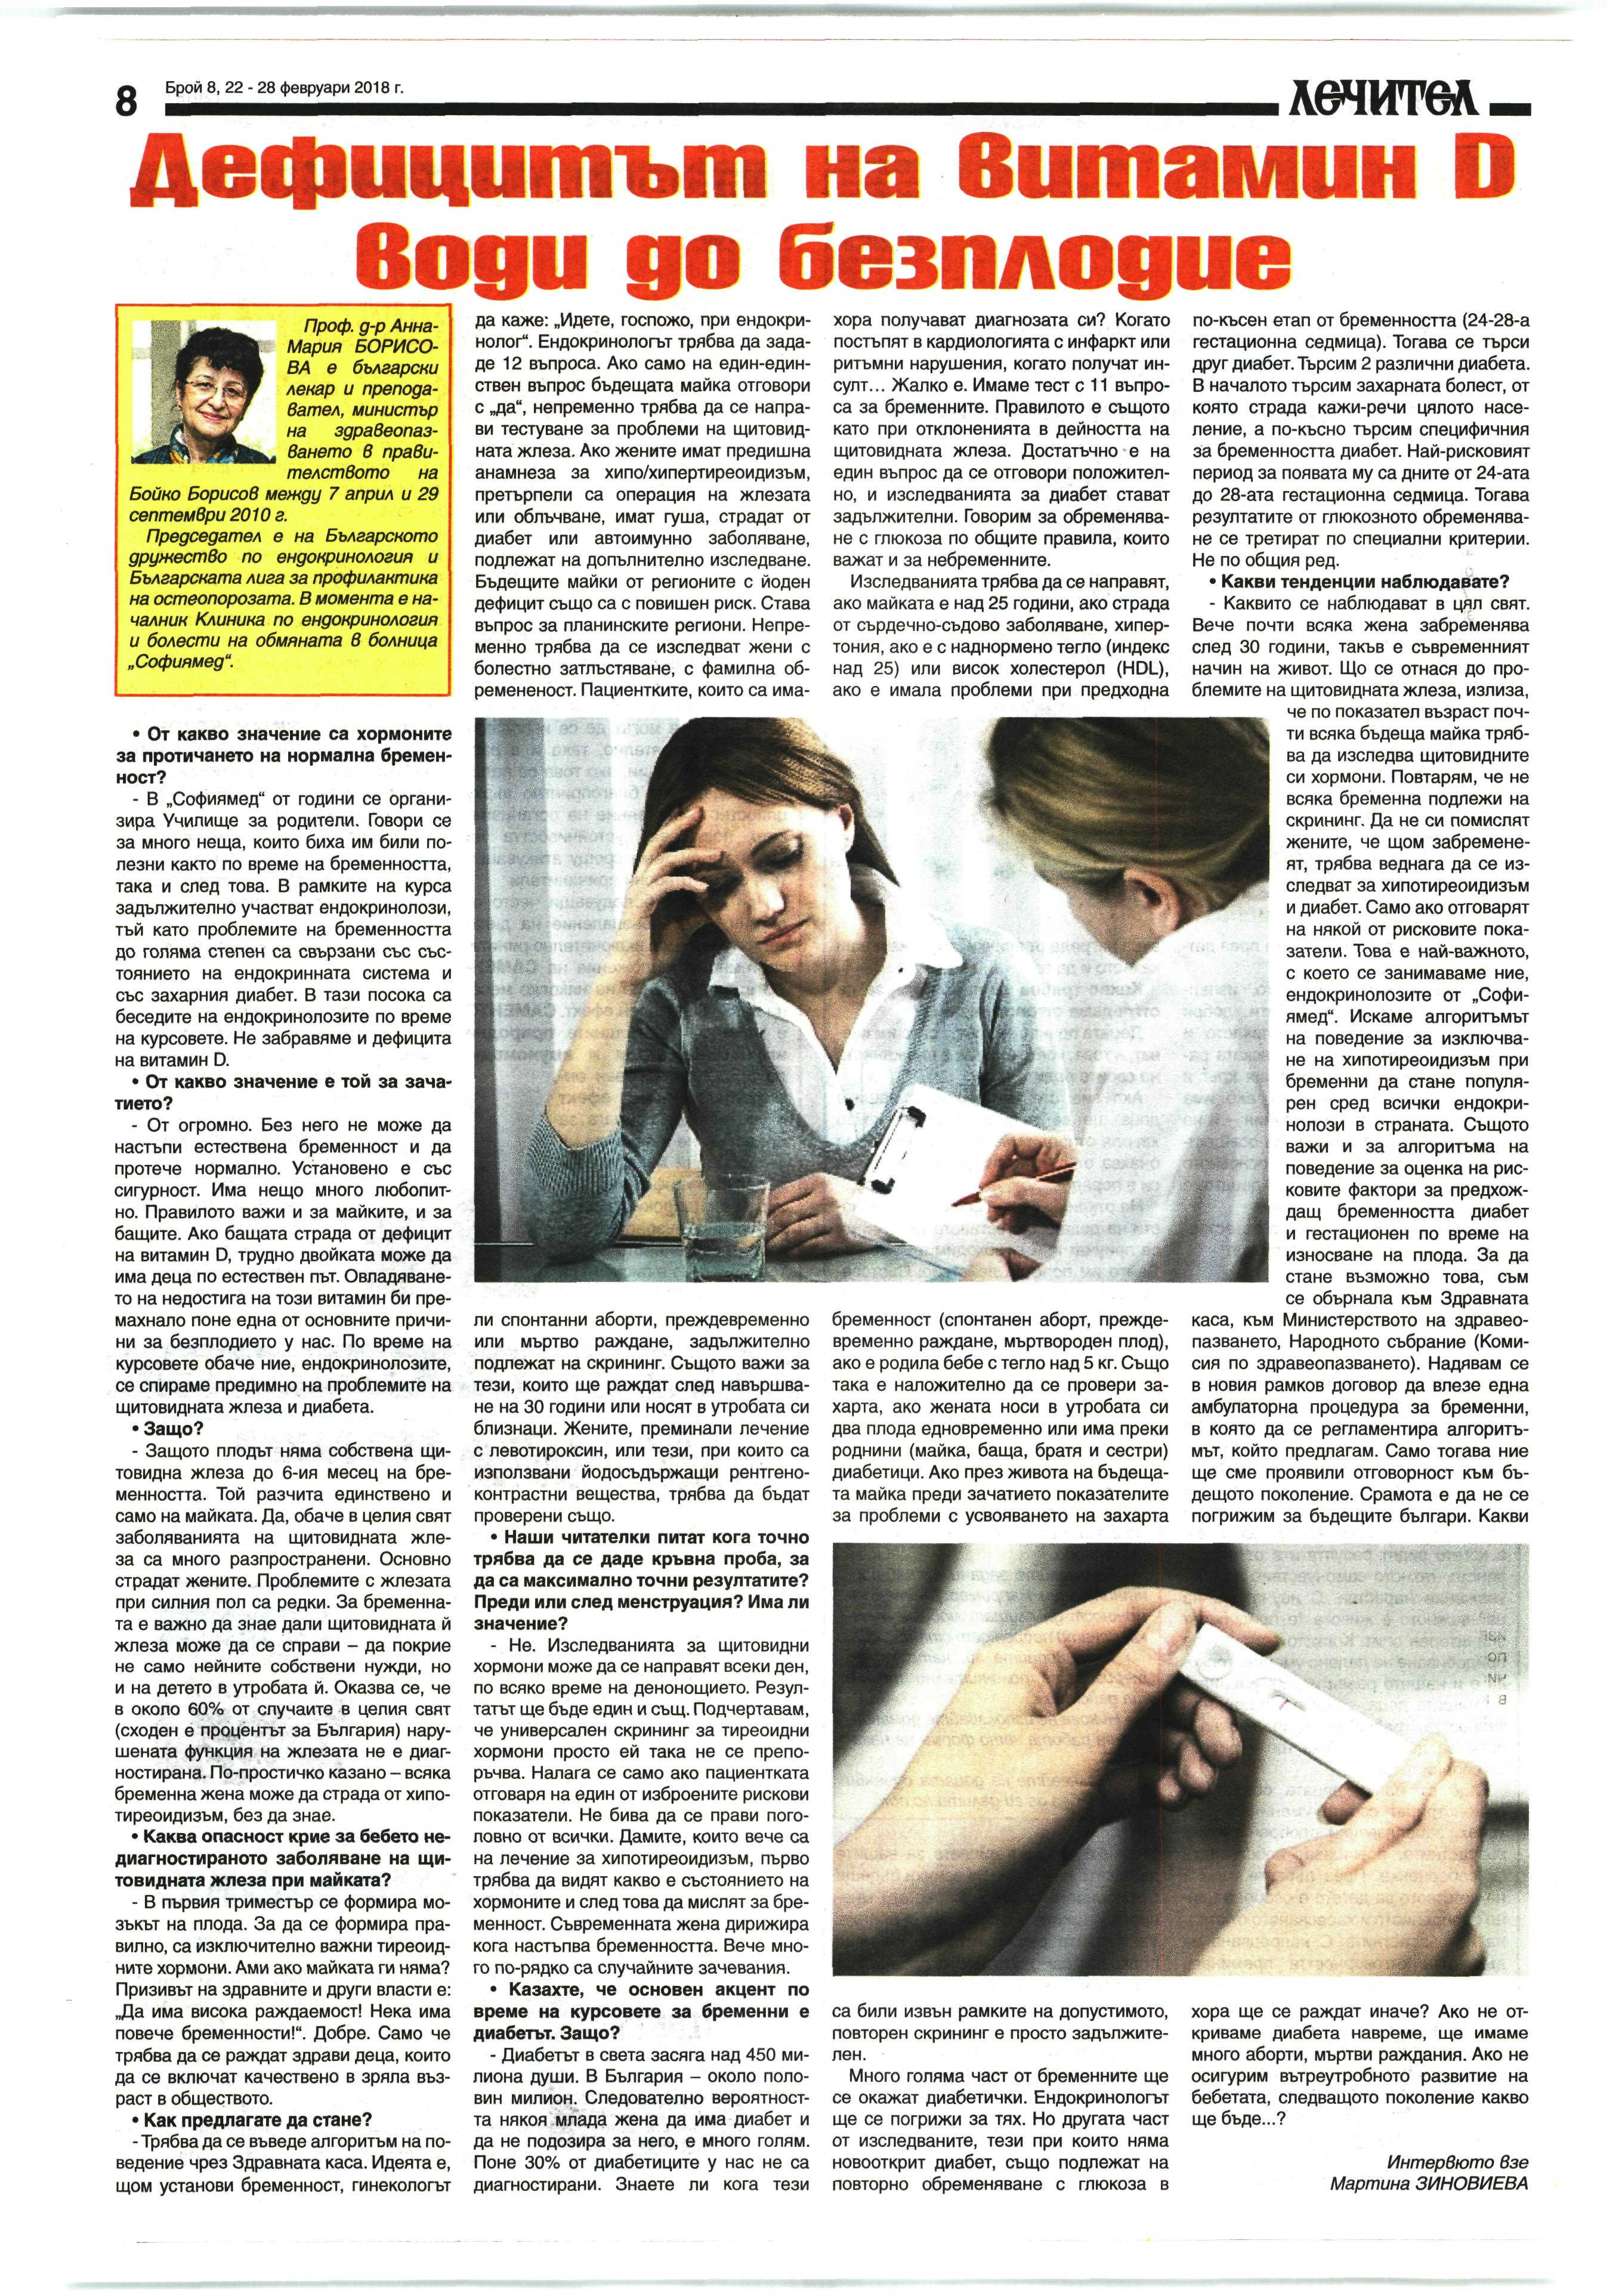 """Д-р Иван Йорданов: В """"Софиямед"""" приложихме революционен метод в областта на ушната хирургия"""